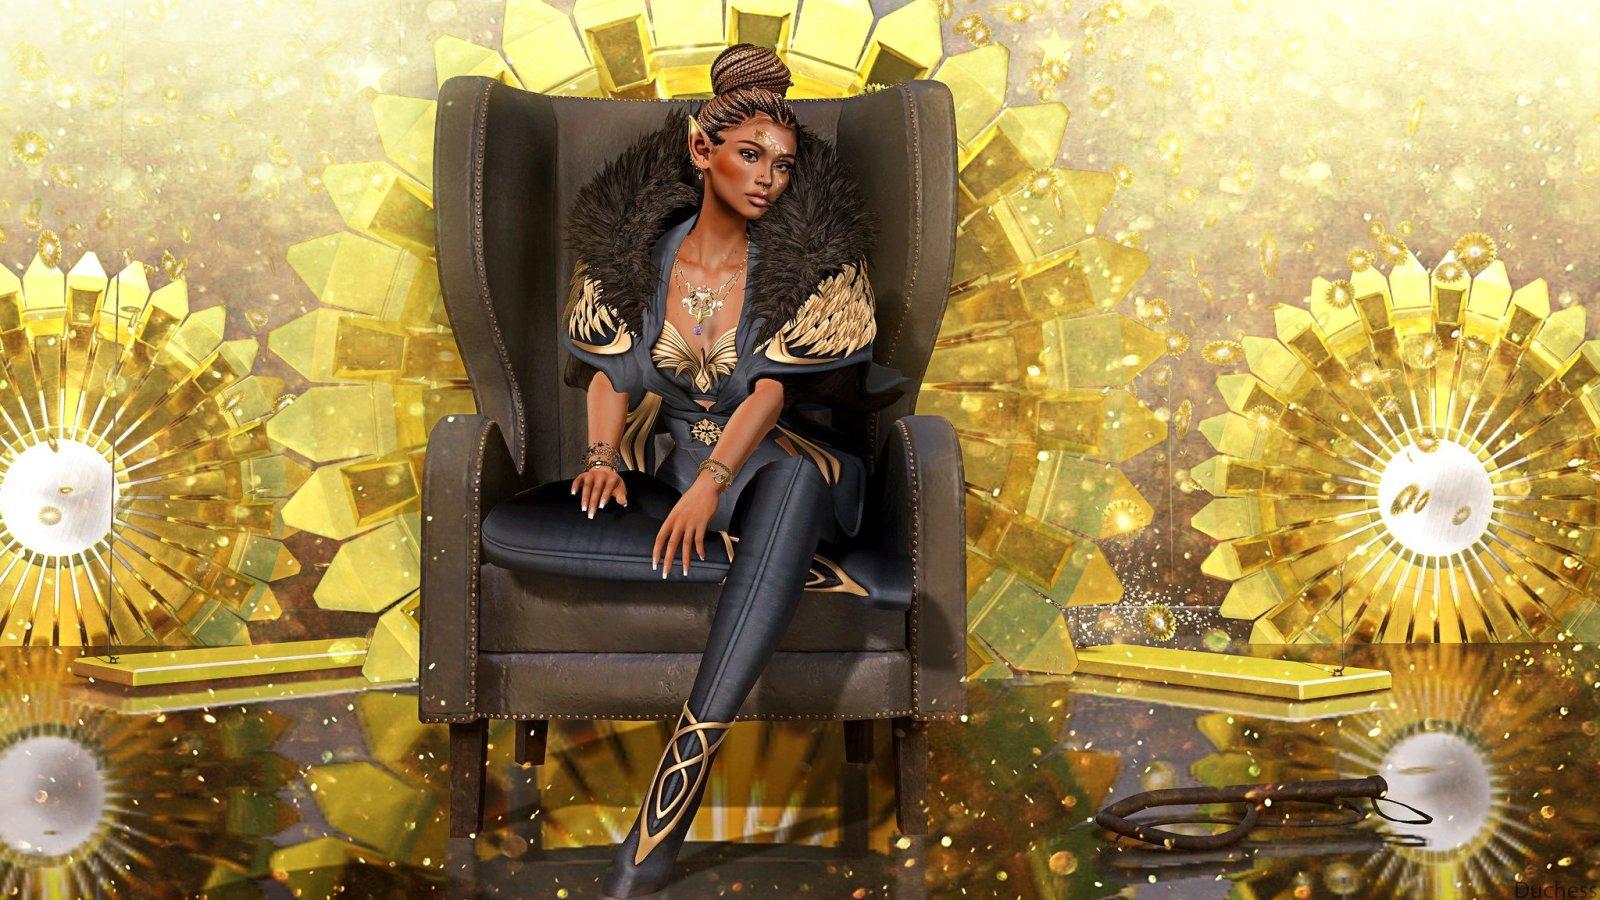 In Control: Cyber Queen